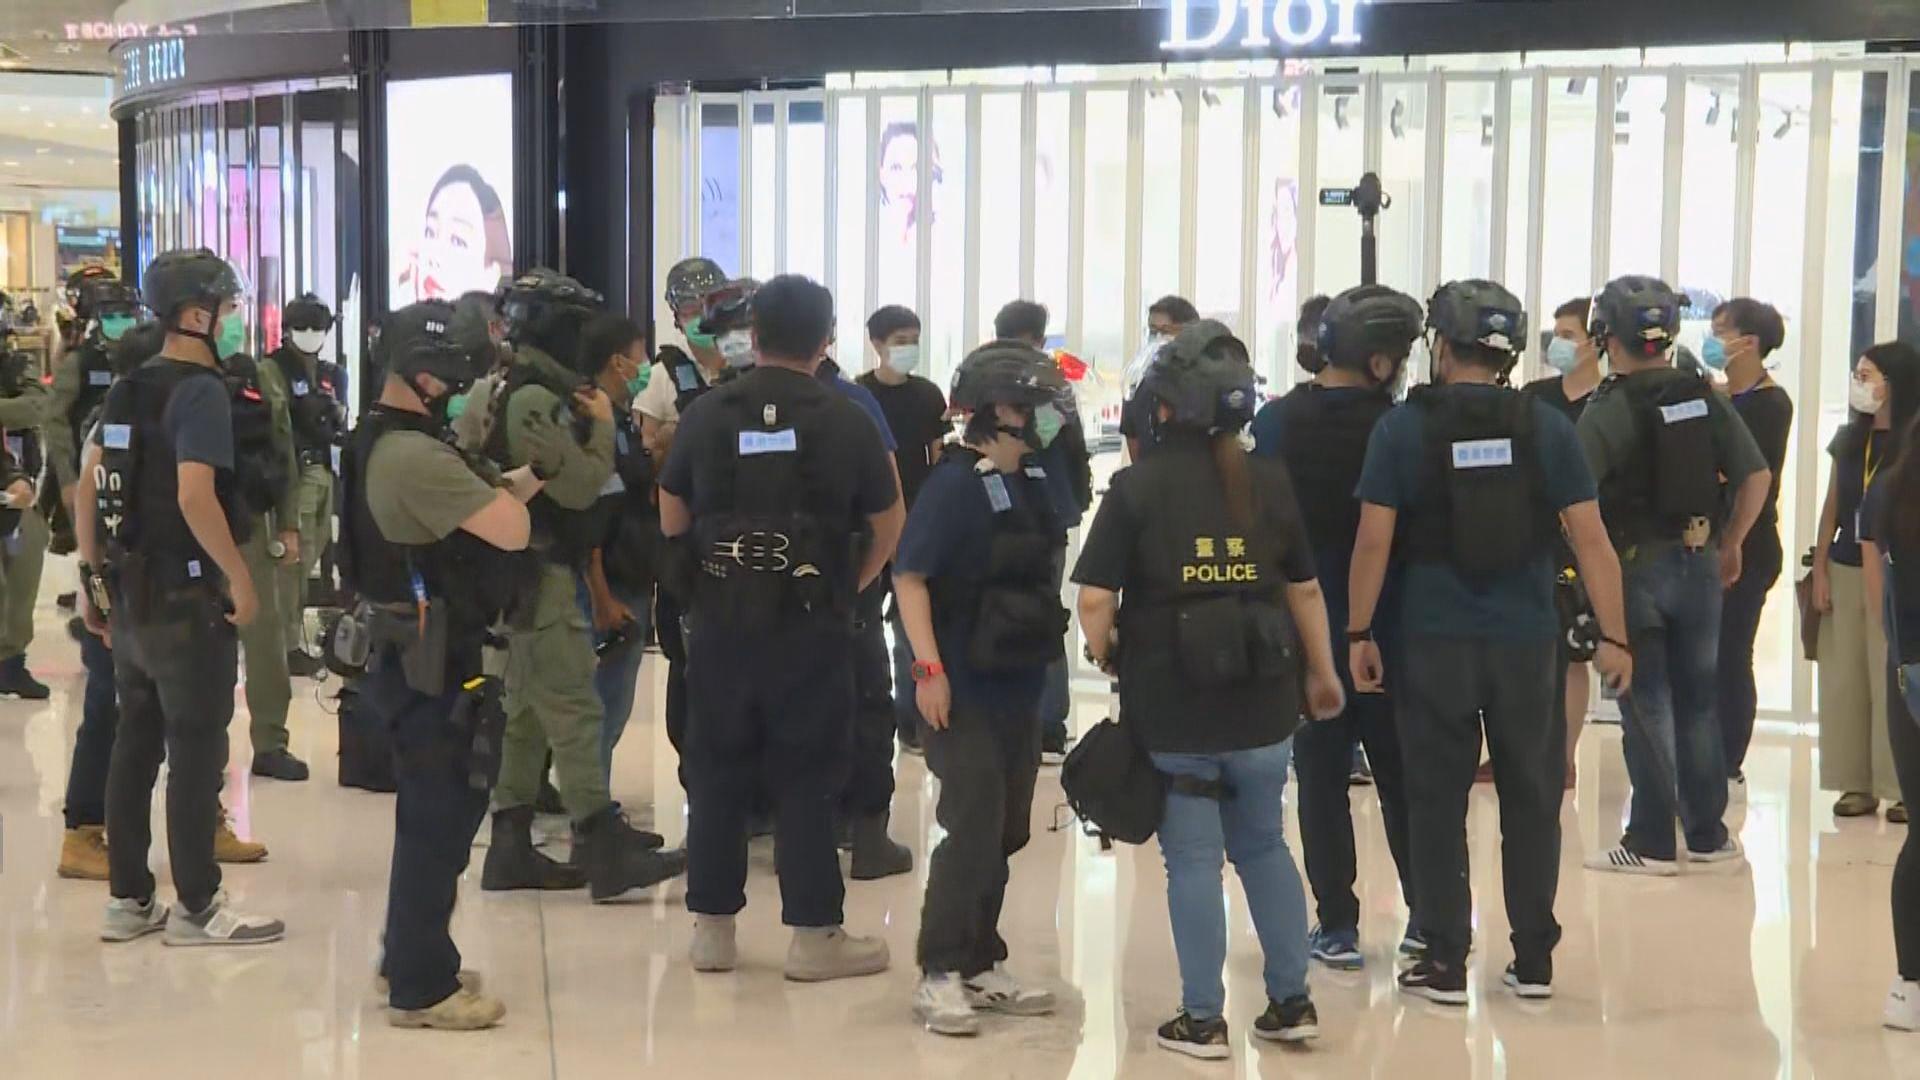 區議員遊行紀念721襲擊事件 警方票控違限聚令